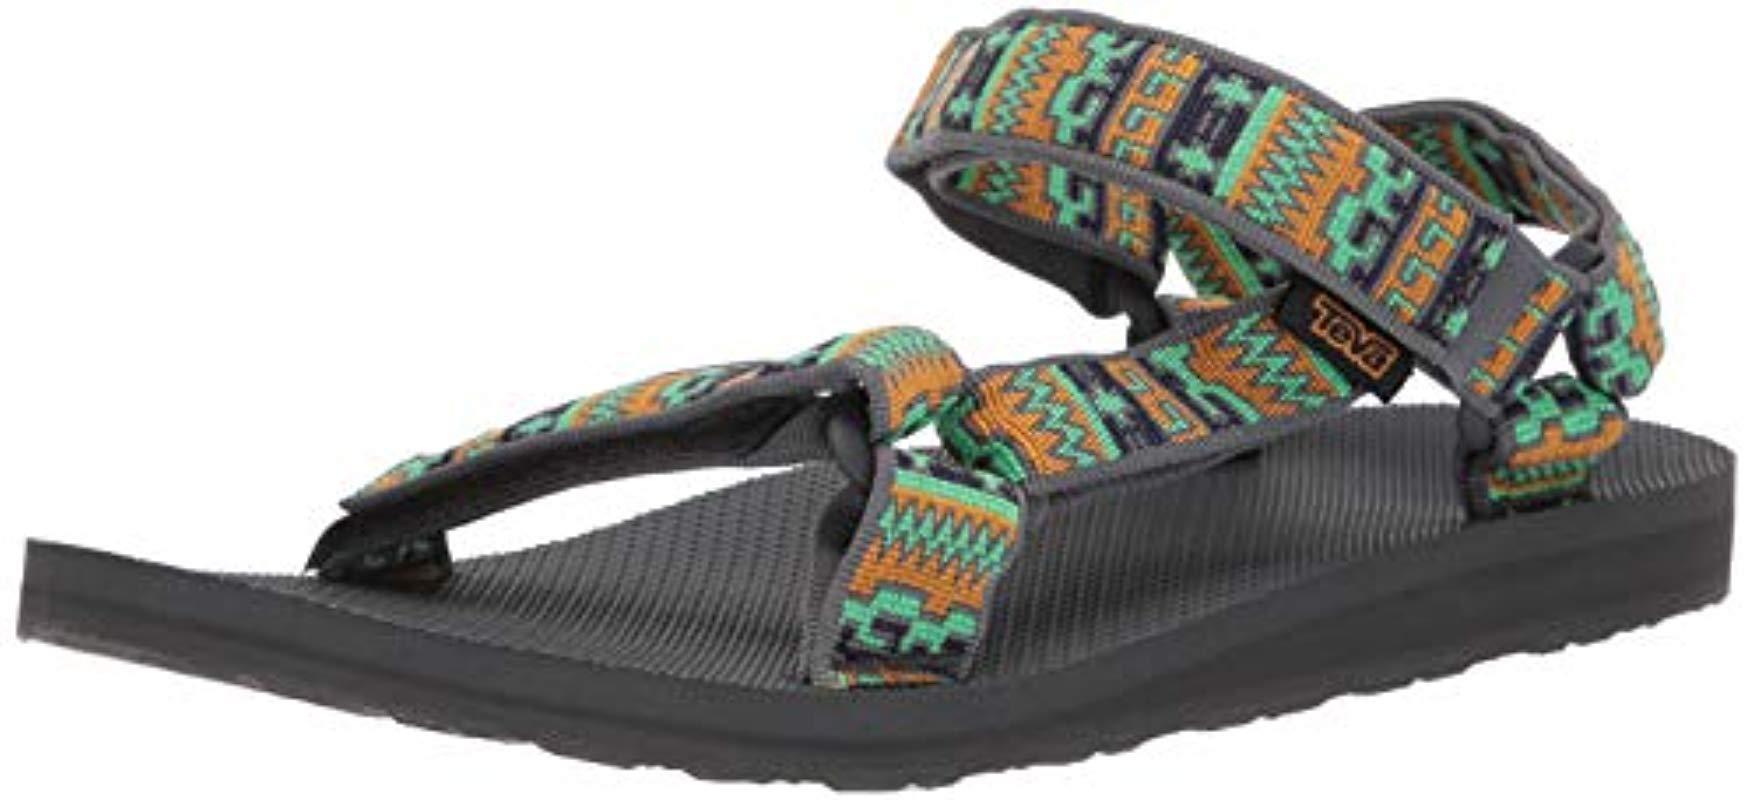 e24e7026bd8d Lyst - Teva Original Universal Sandal for Men - Save 18%